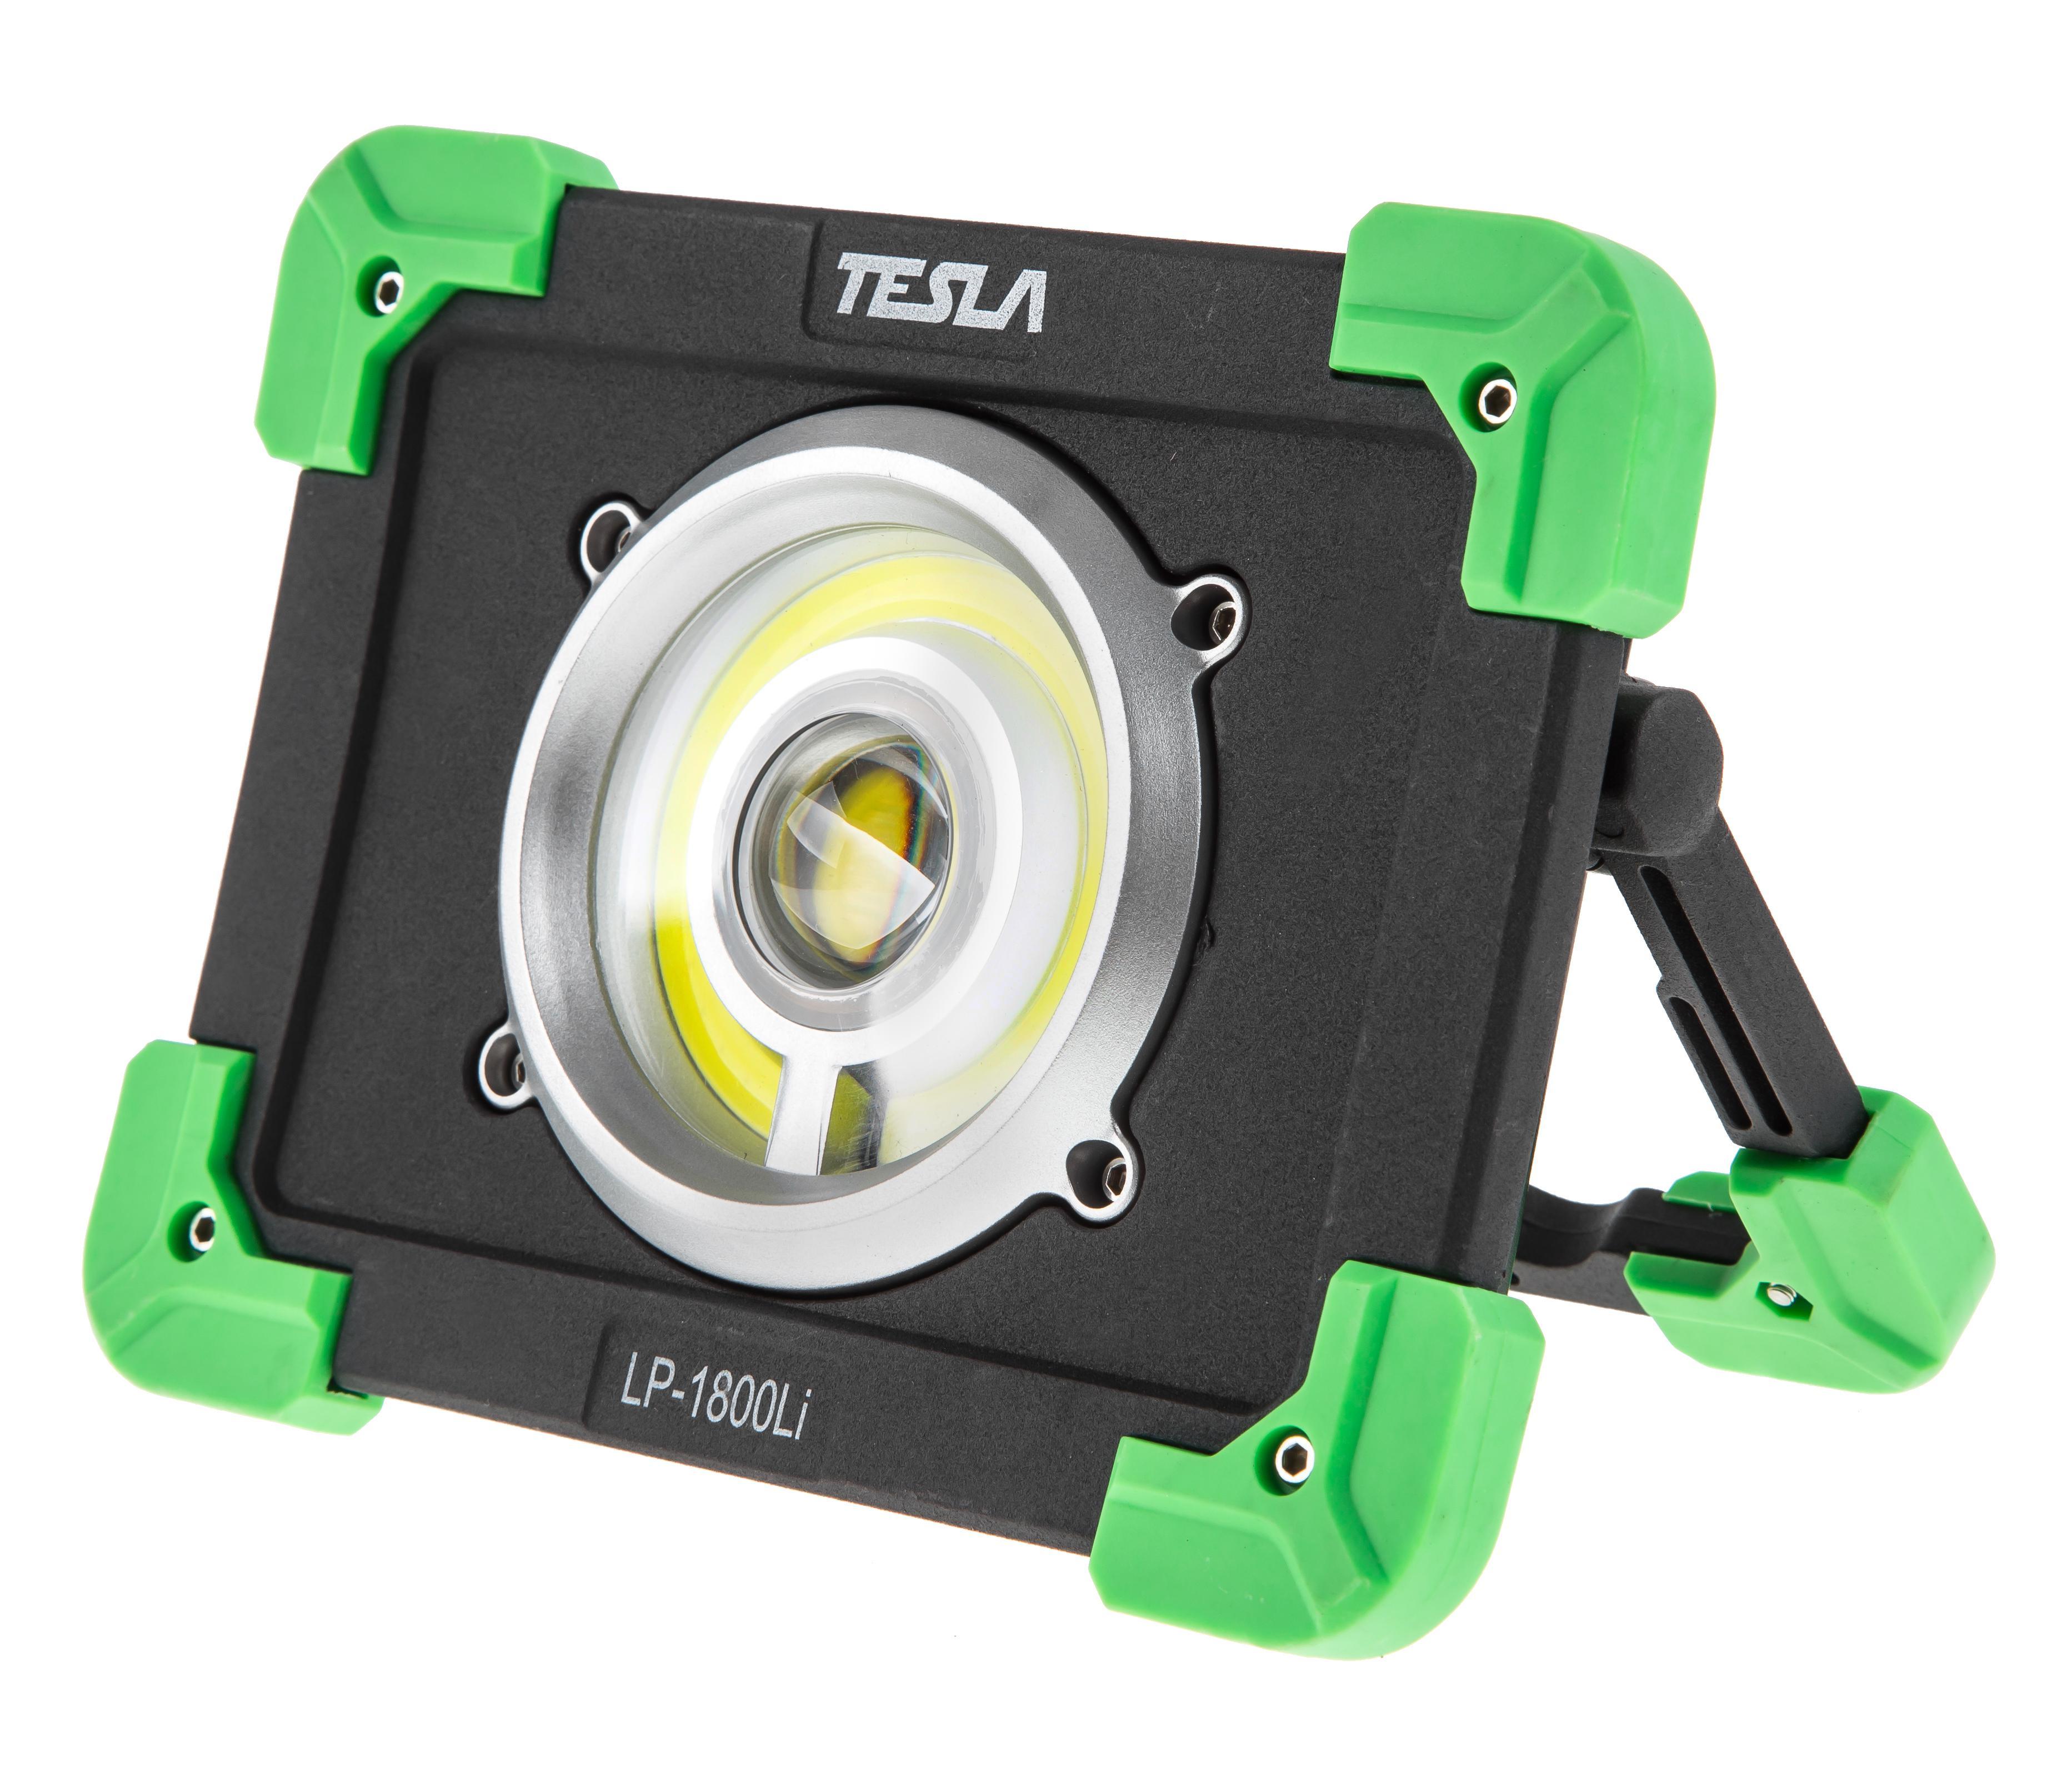 Фонарь Tesla Lp-1800li аккумулятор tesla energy hap 03 black